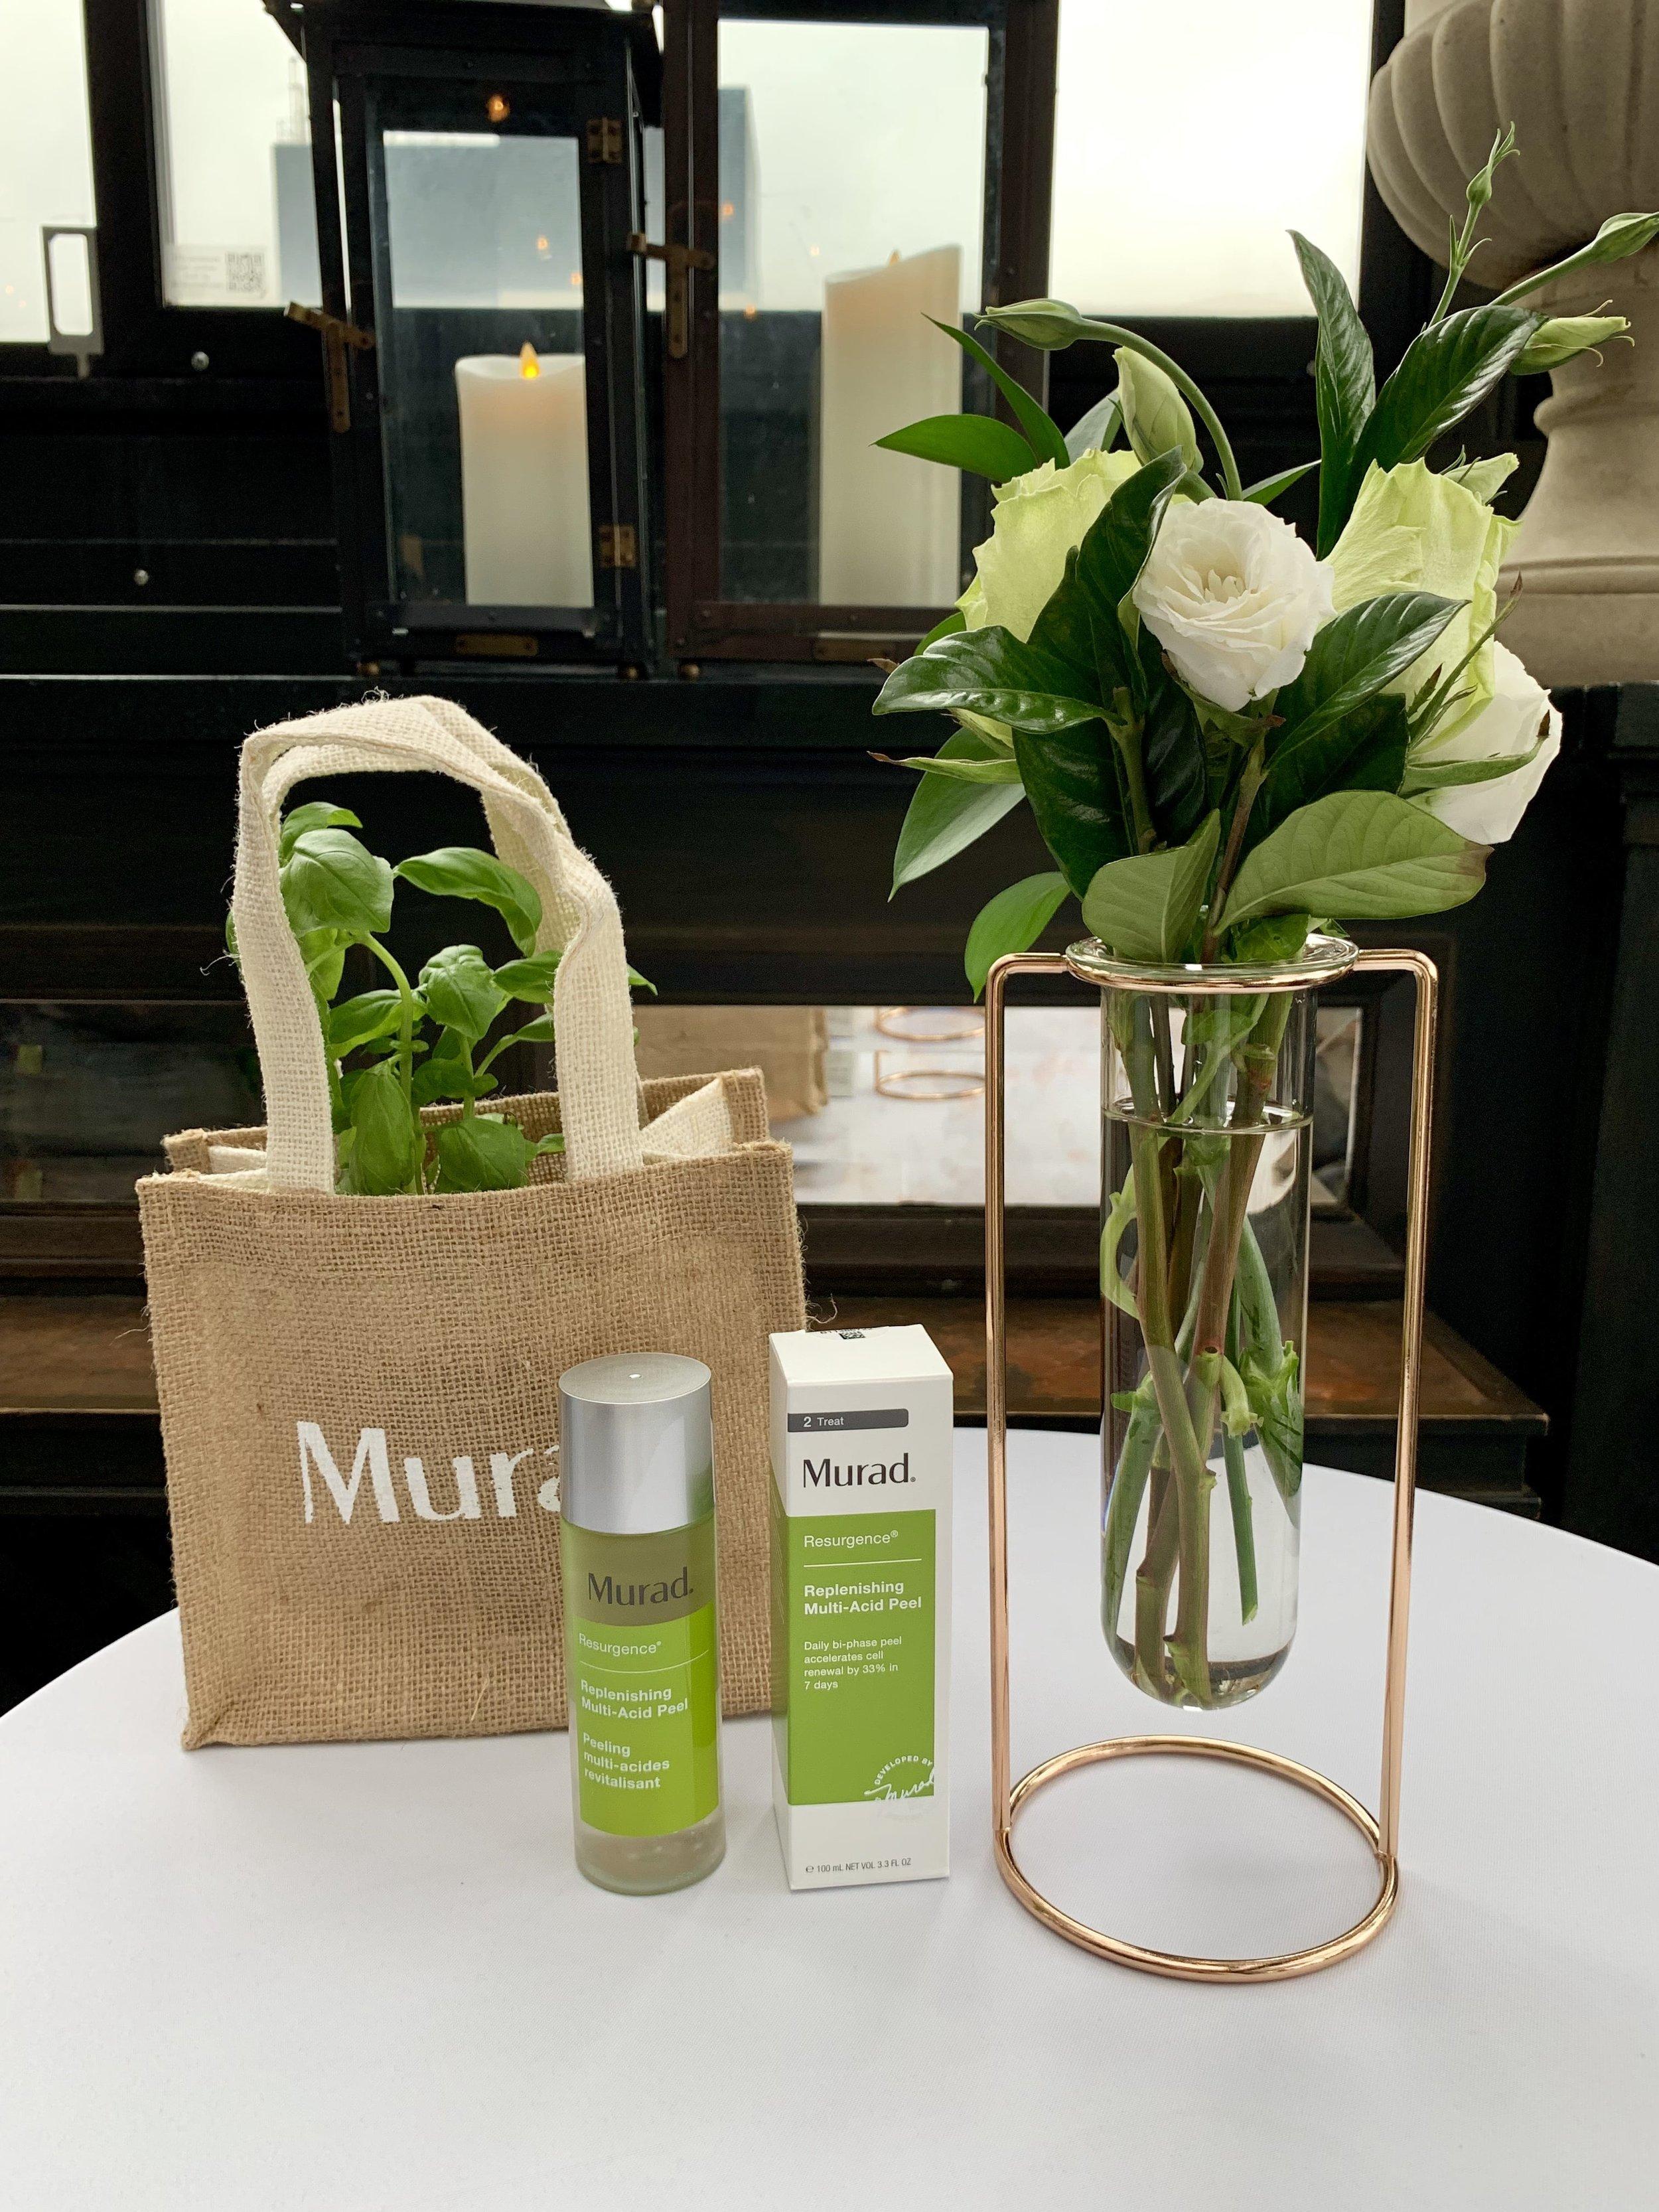 Murad Skincare Product Display